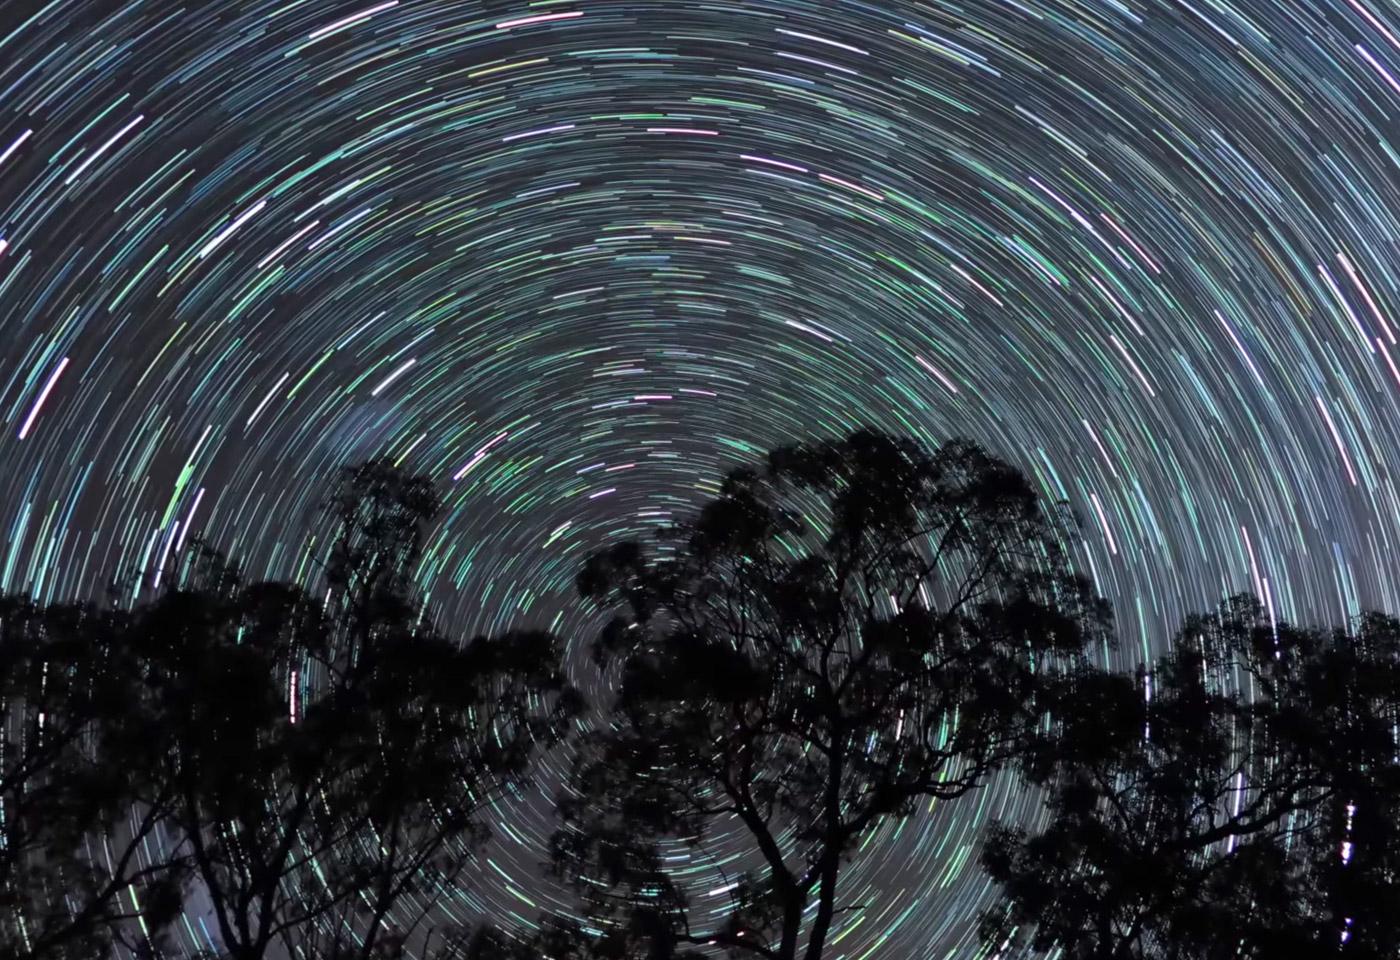 Star light trail